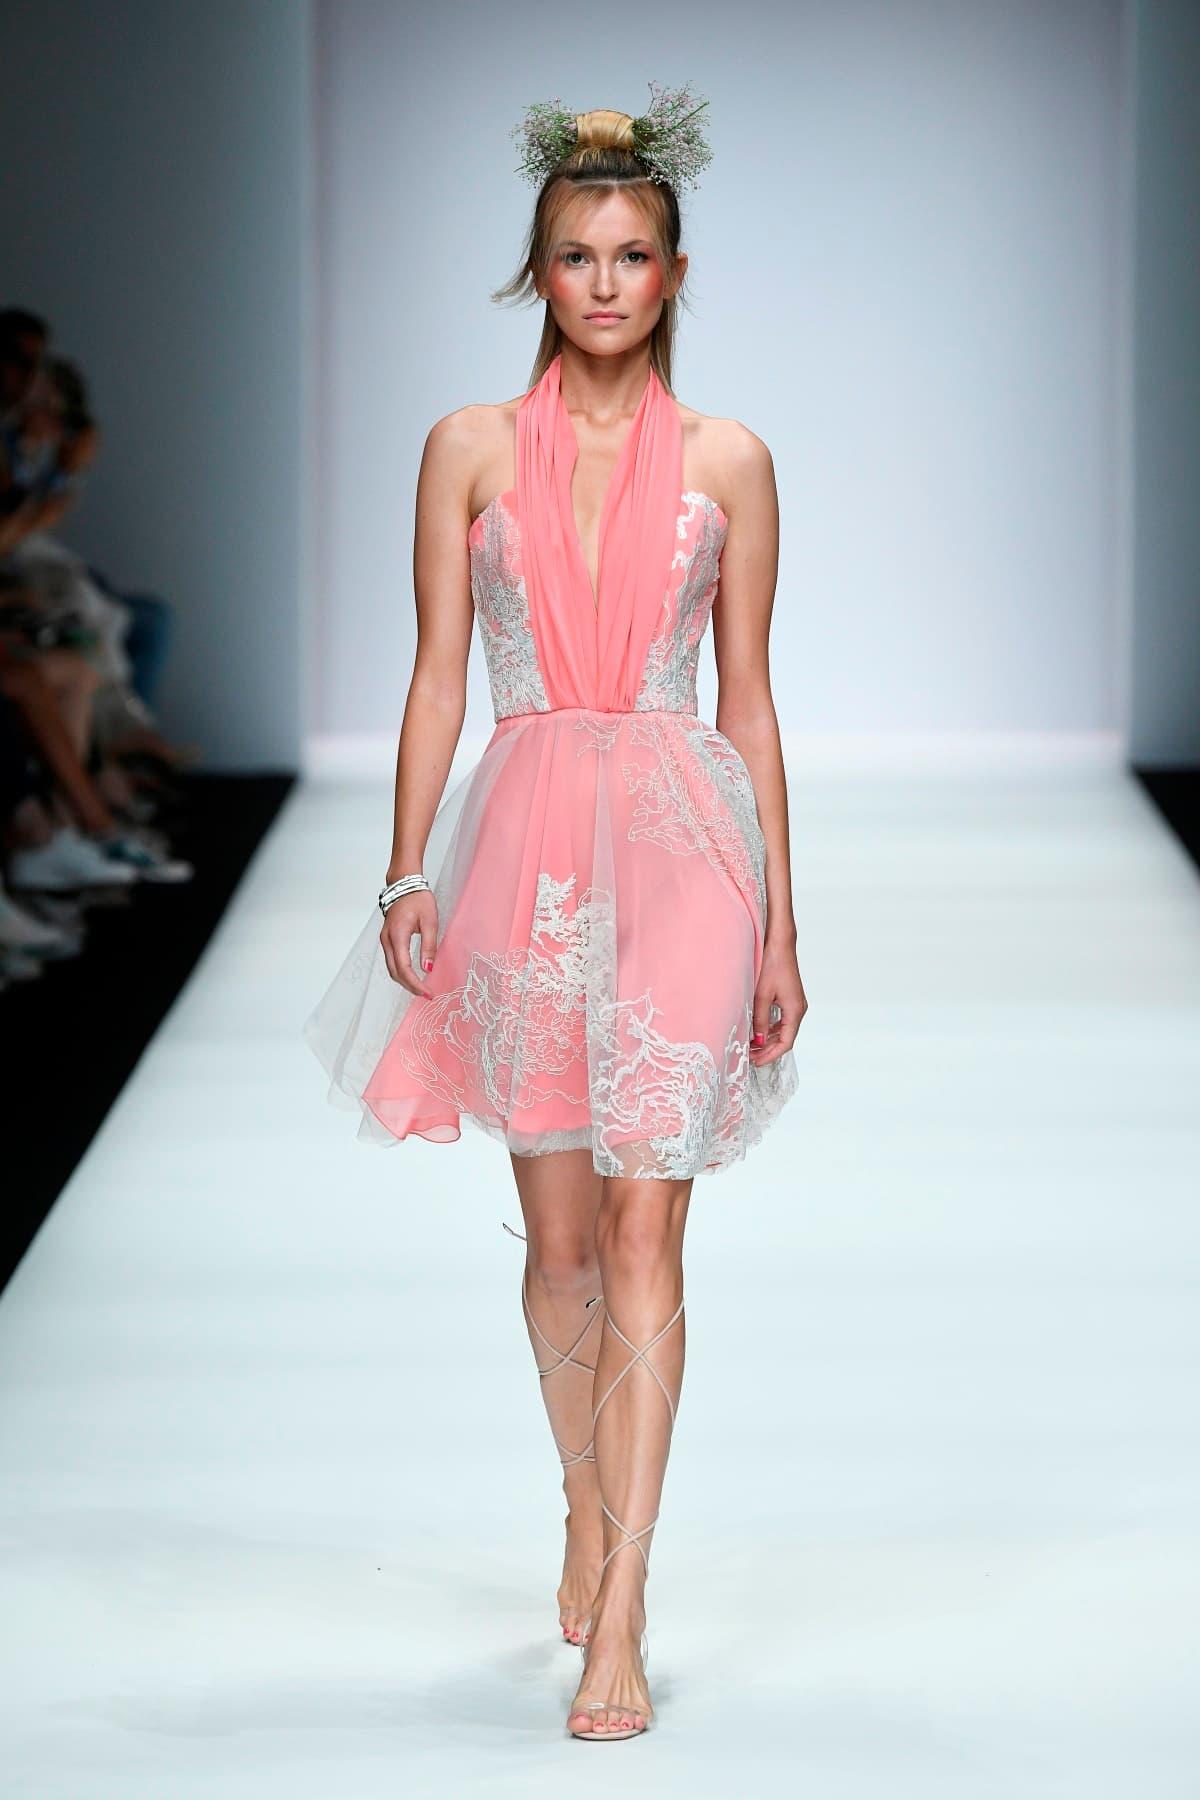 Sommerkleider 2020 von Lana Mueller zur MBFW auf der Fashion Week Berlin Juli 2019 - 1